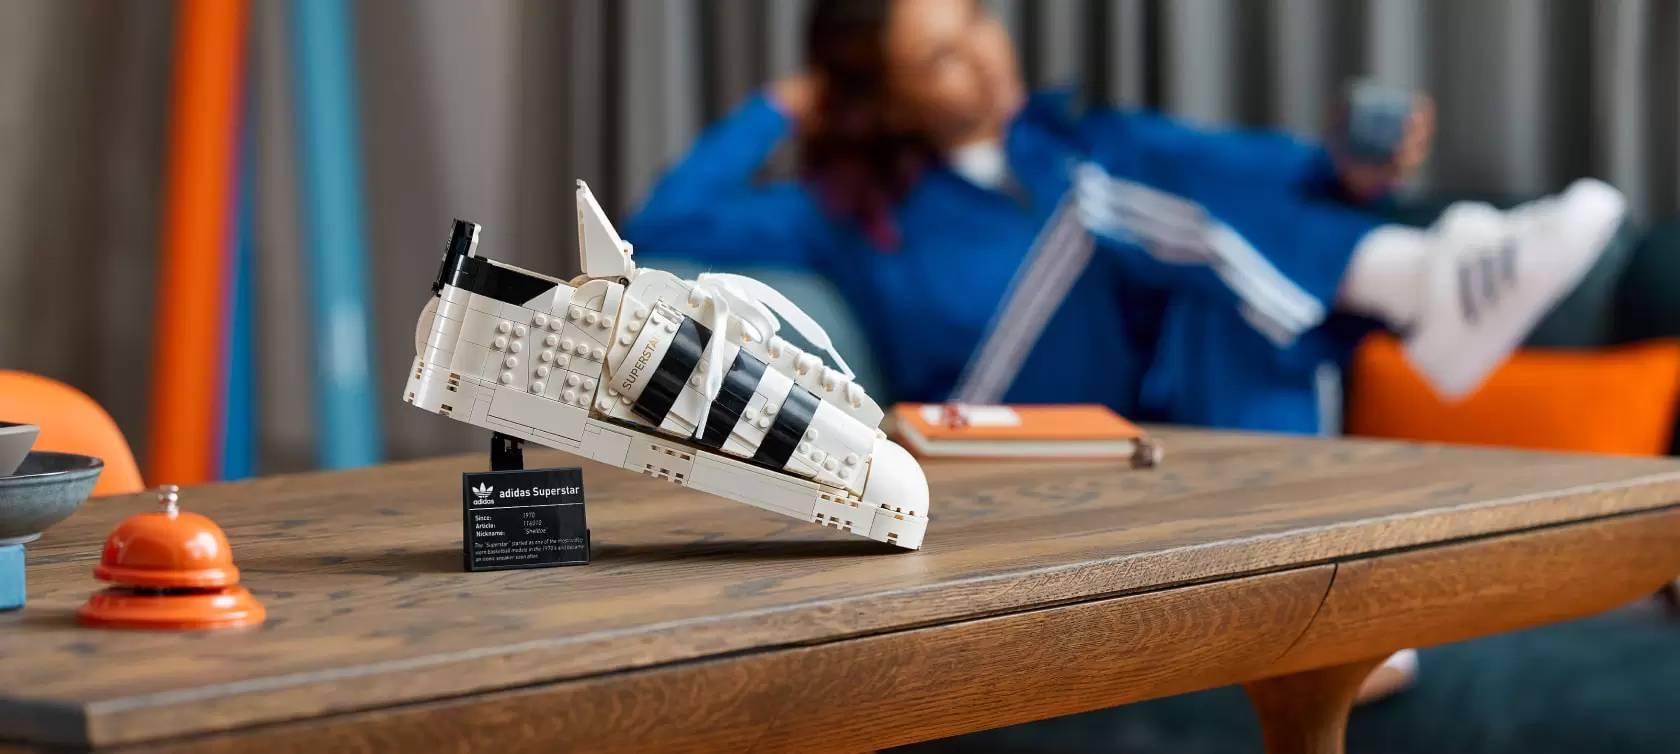 LEGO x Adidas Superstar